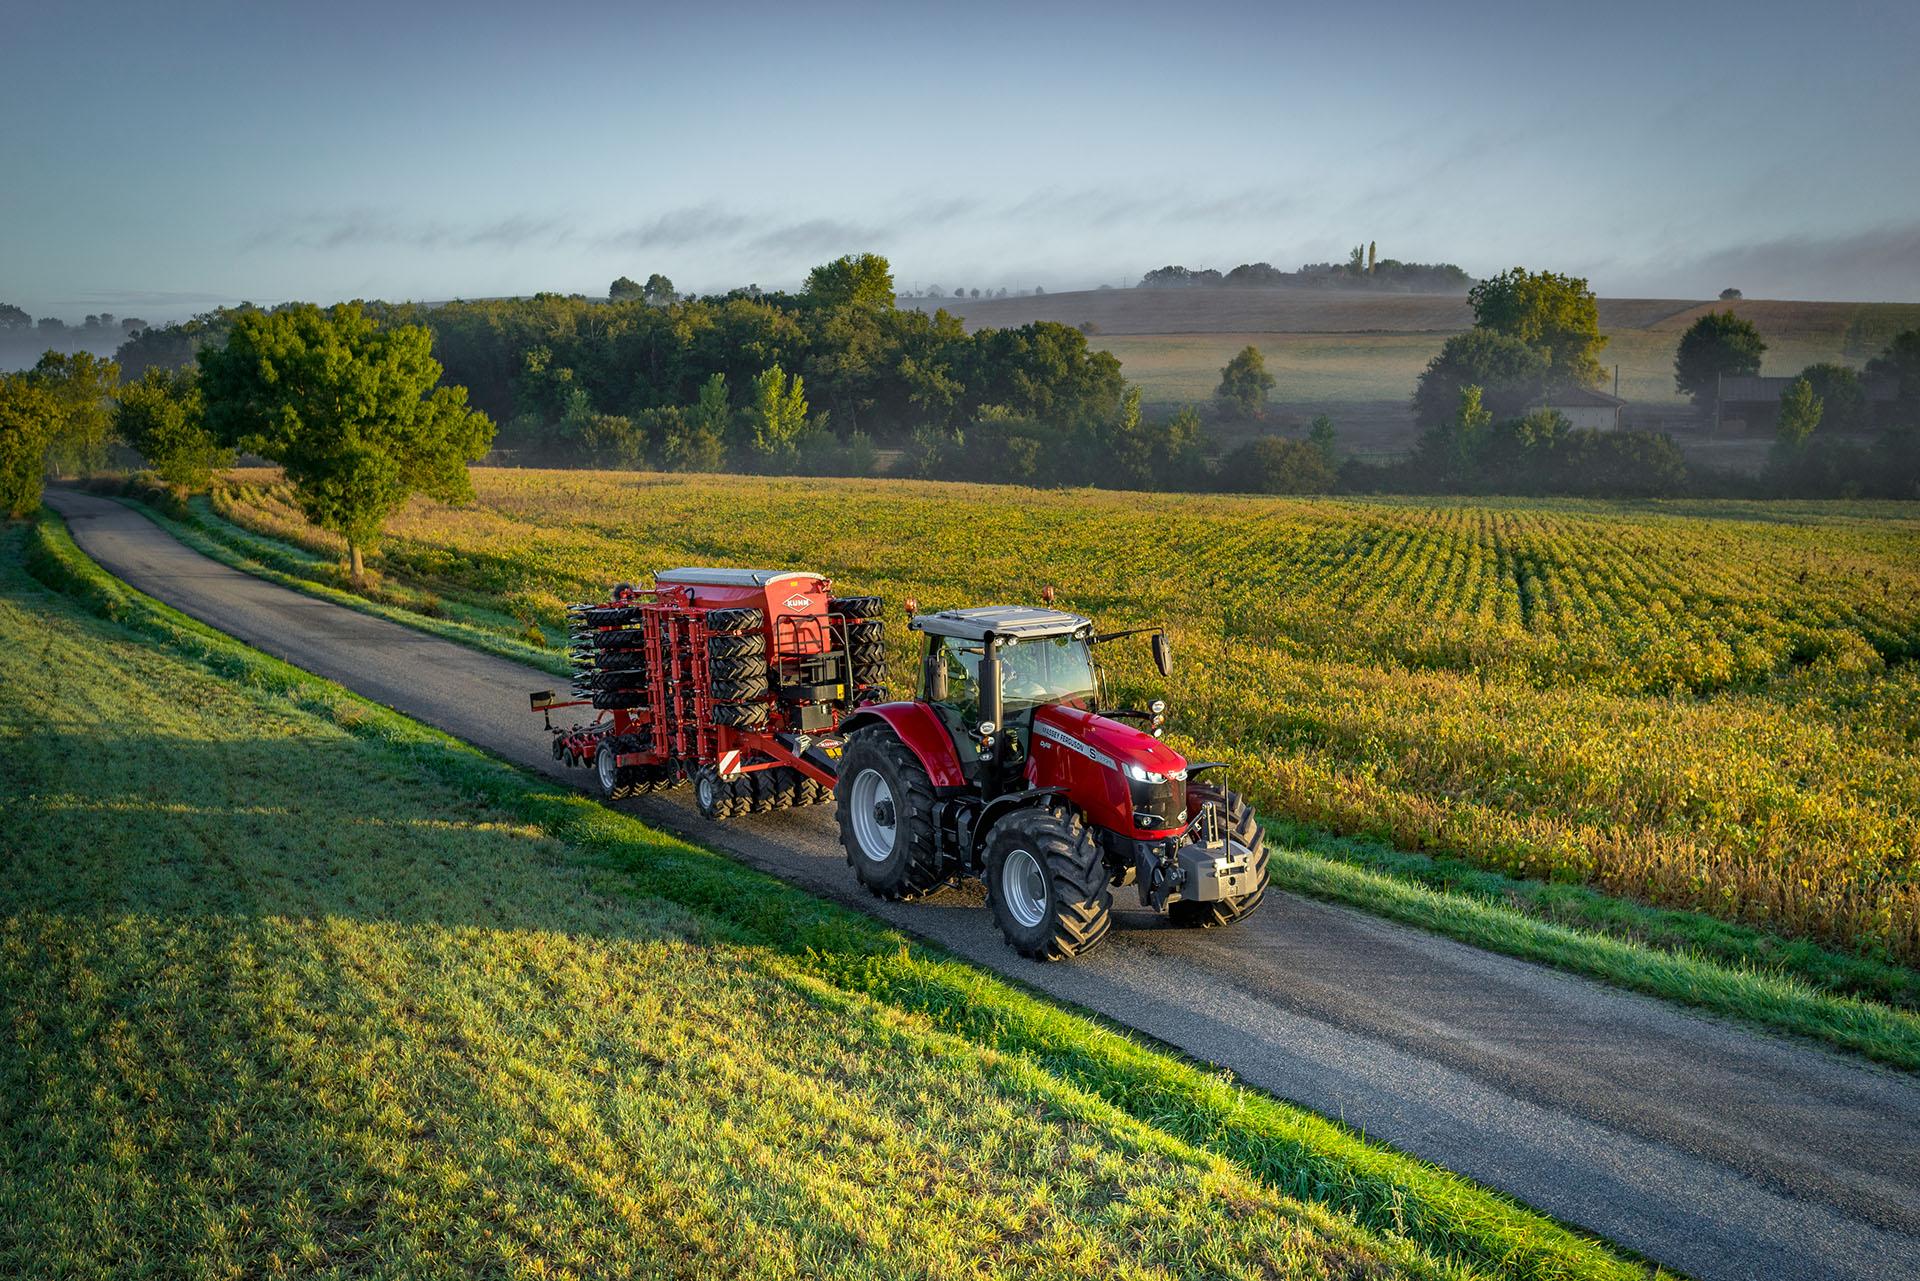 Image de fond, Tracteur sur une route